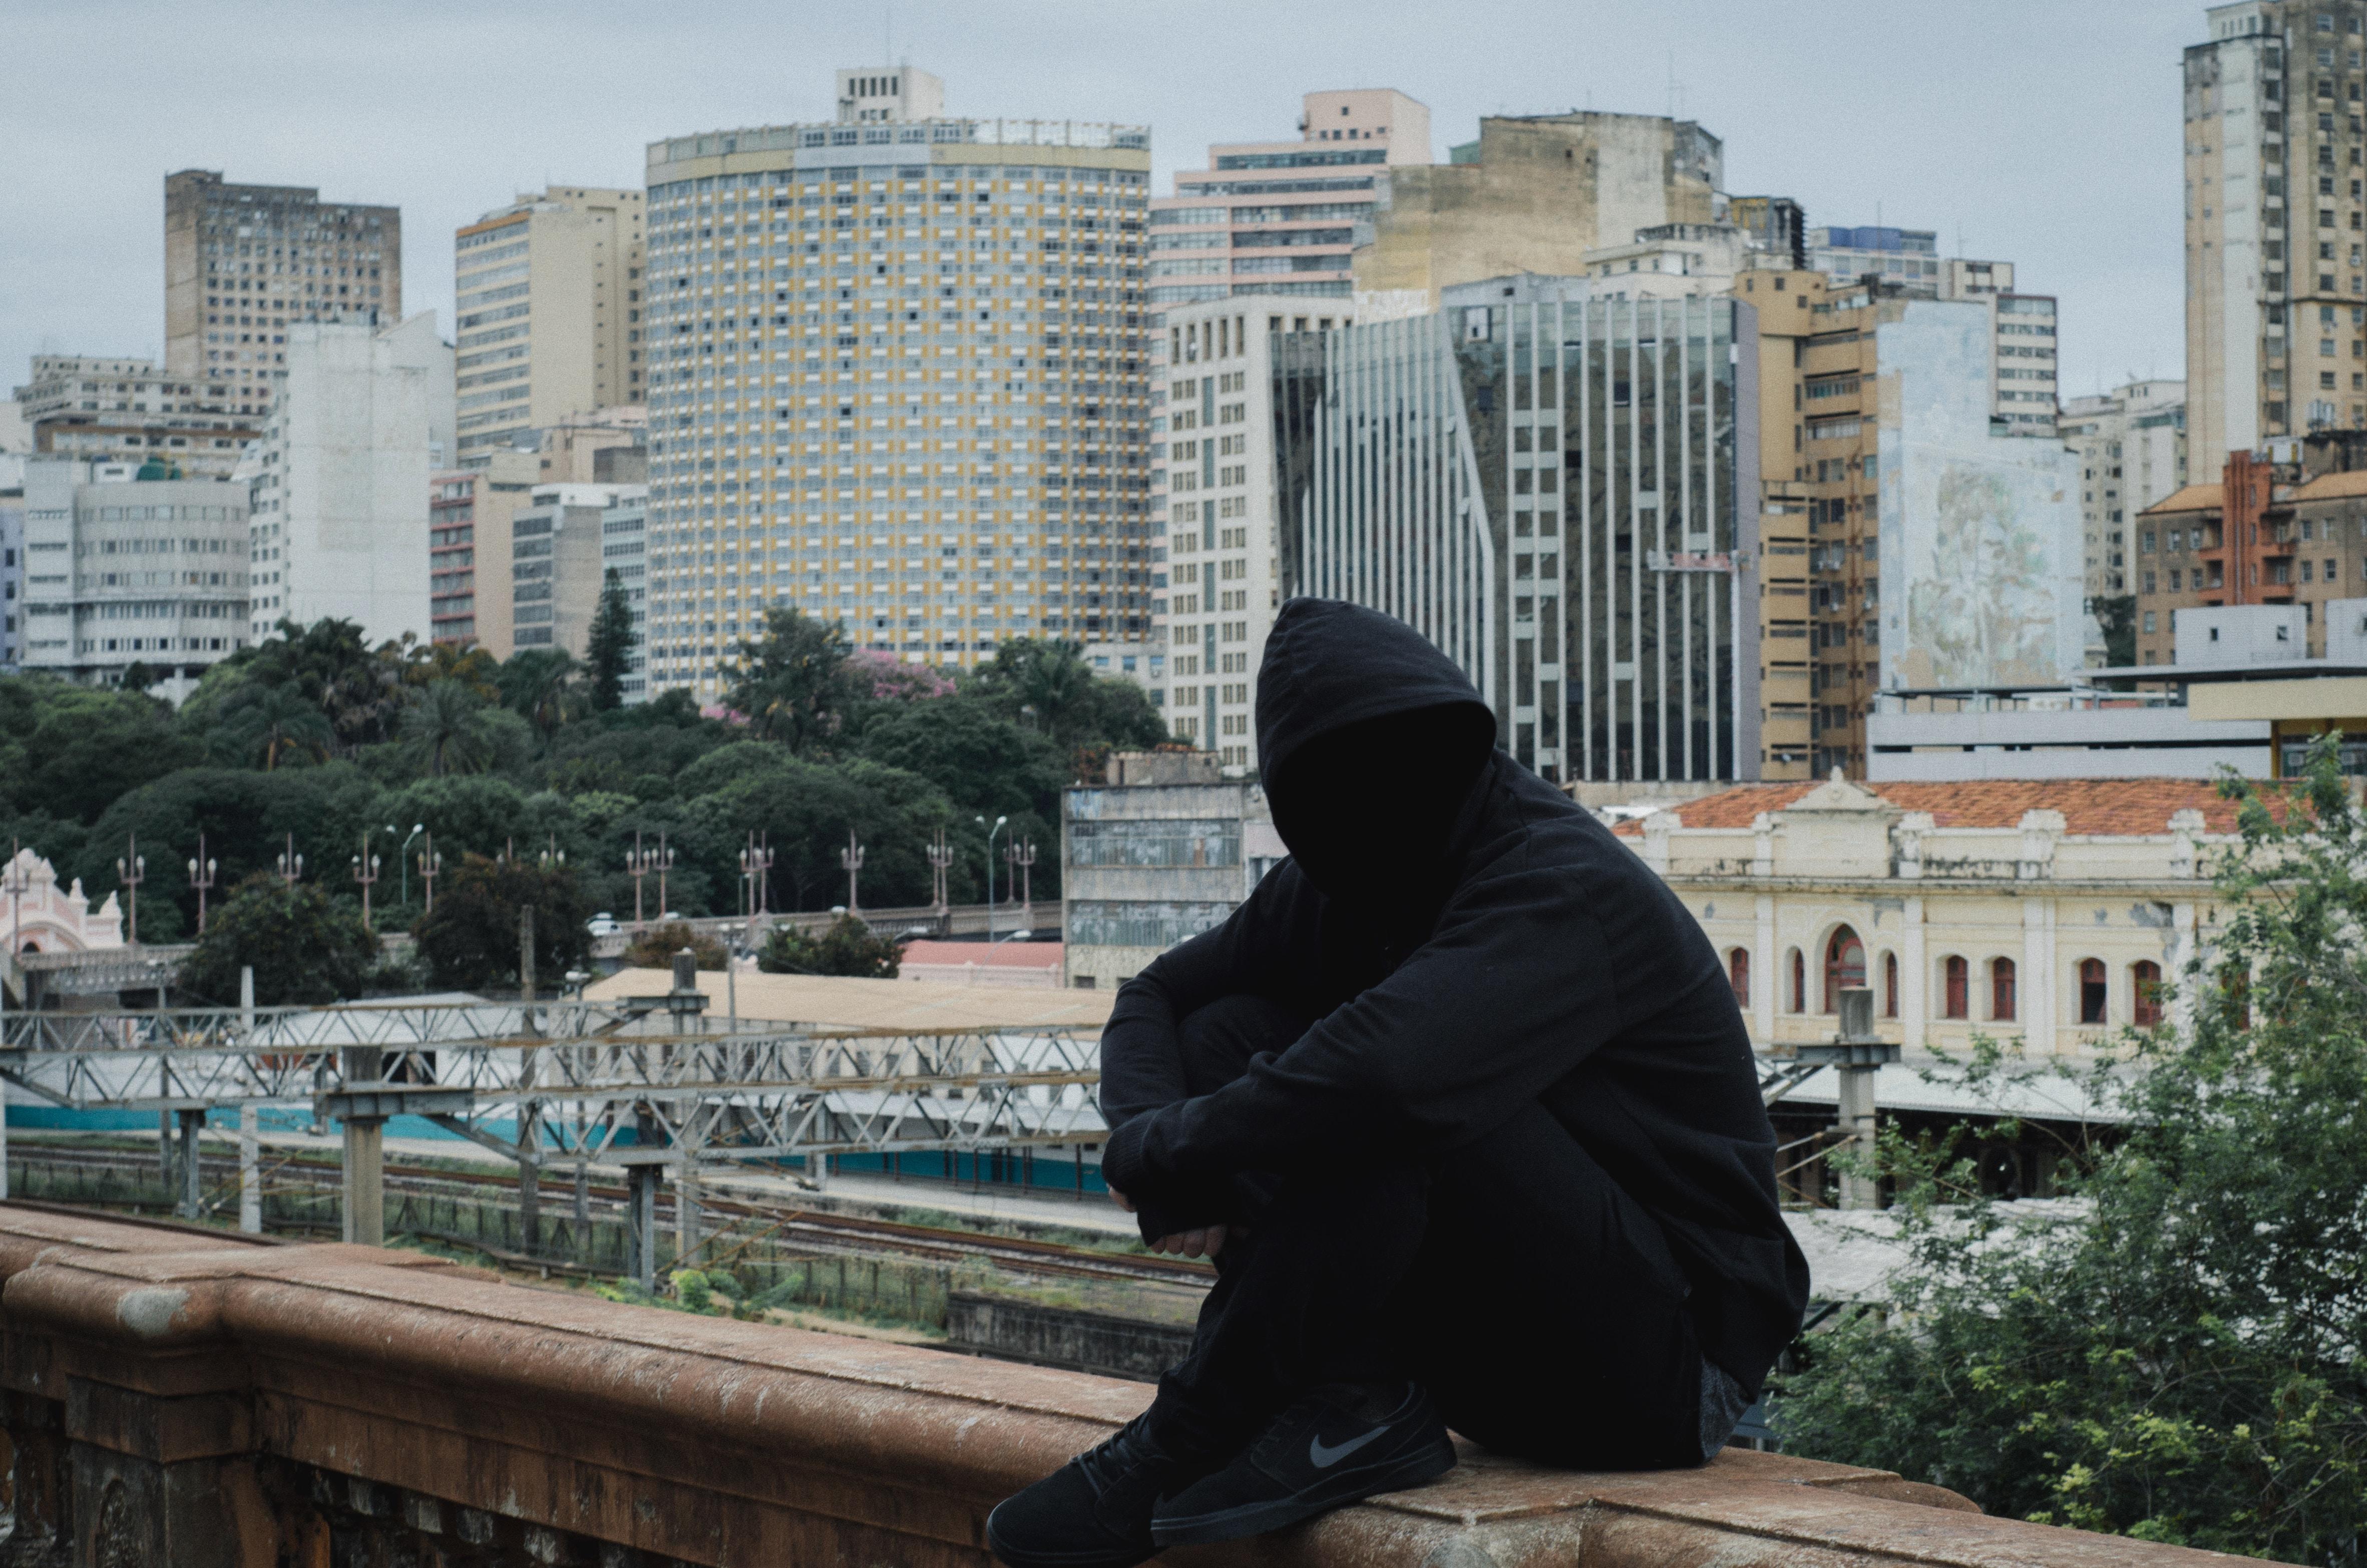 man wearing hooded jacket sitting on beige concrete